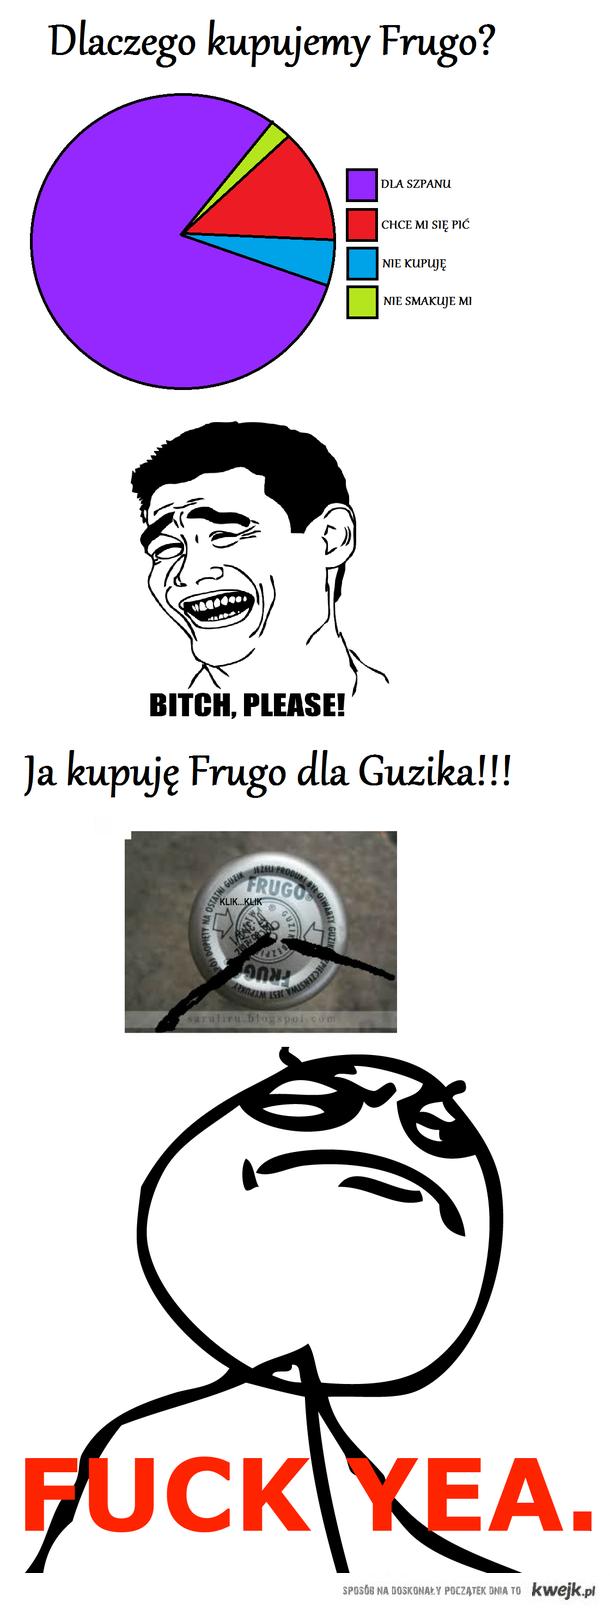 Dlaczego kupujemy Frugo?